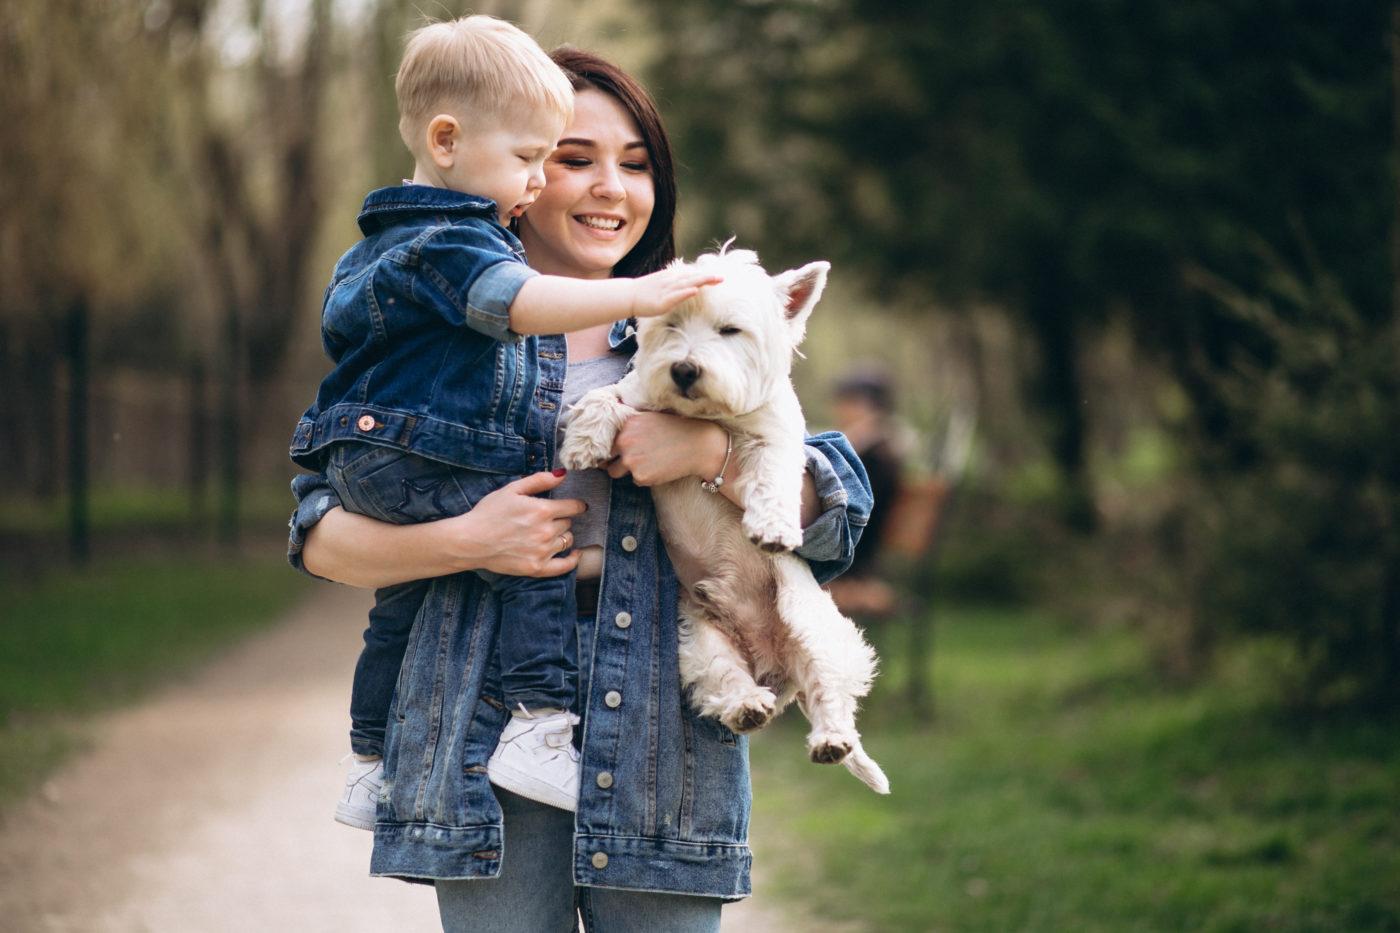 Adotar um cãozinho faz bem para as crianças